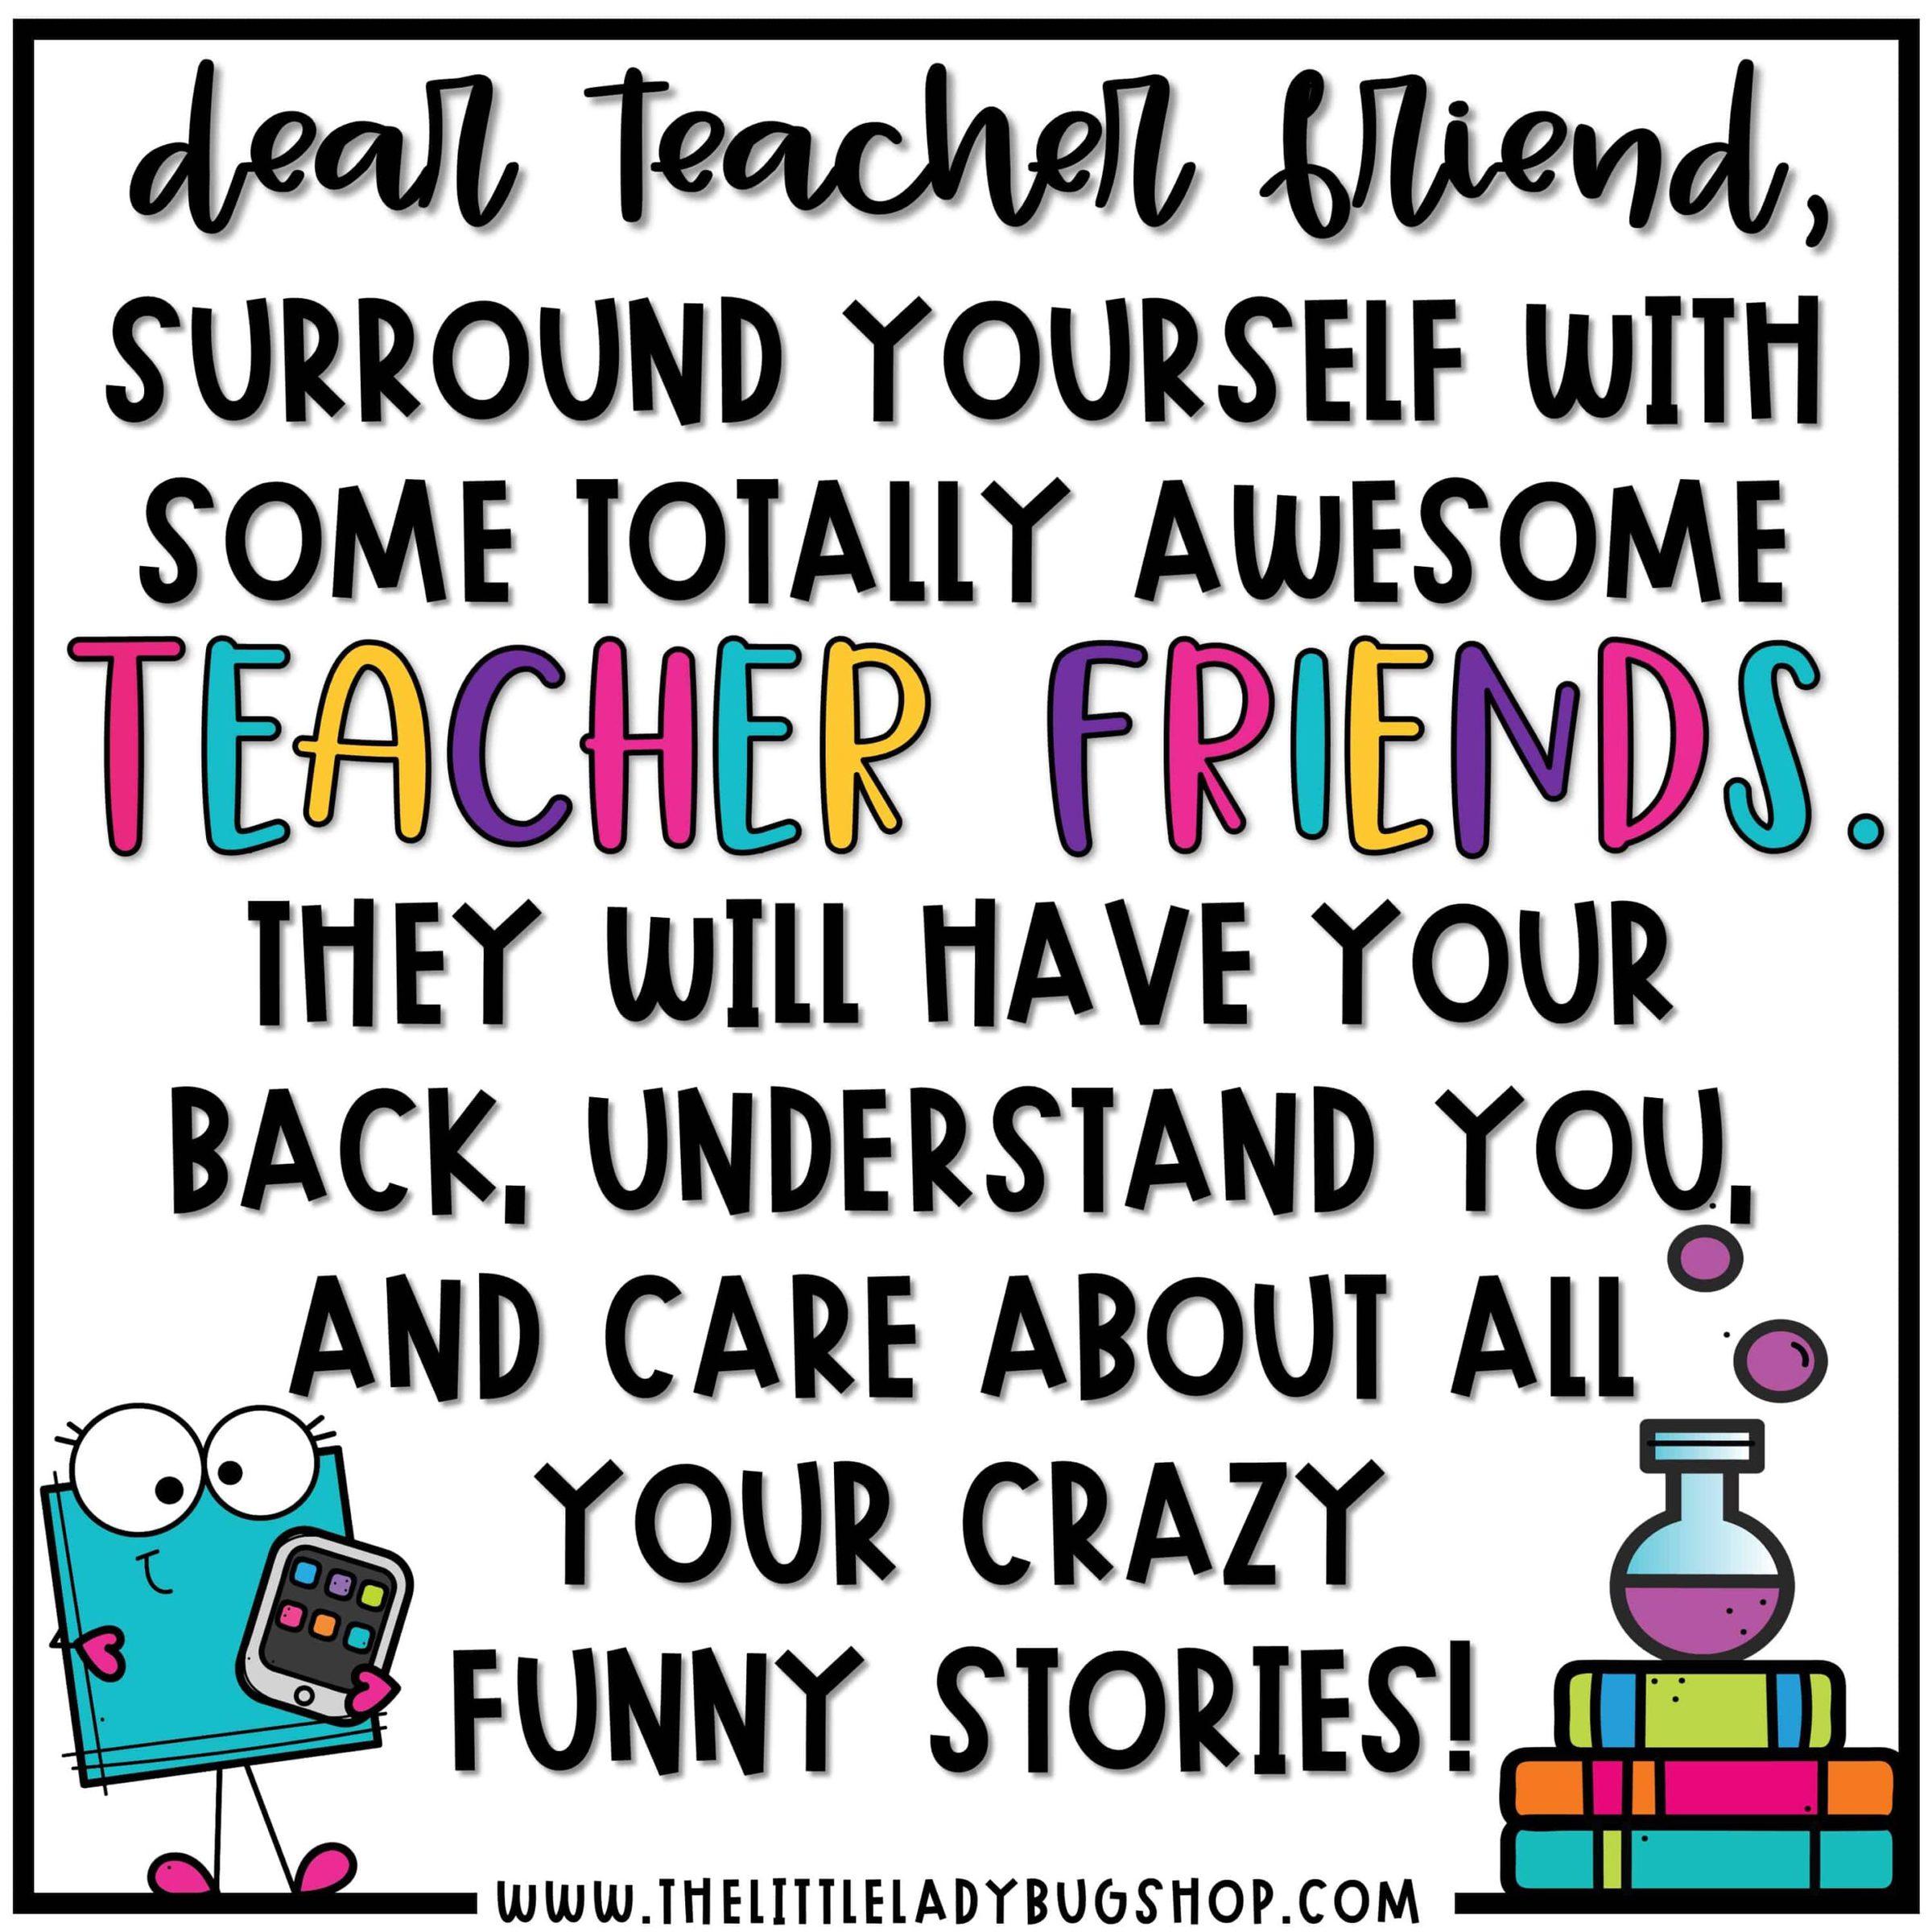 Dear Teacher Friend, having a great team of teachers